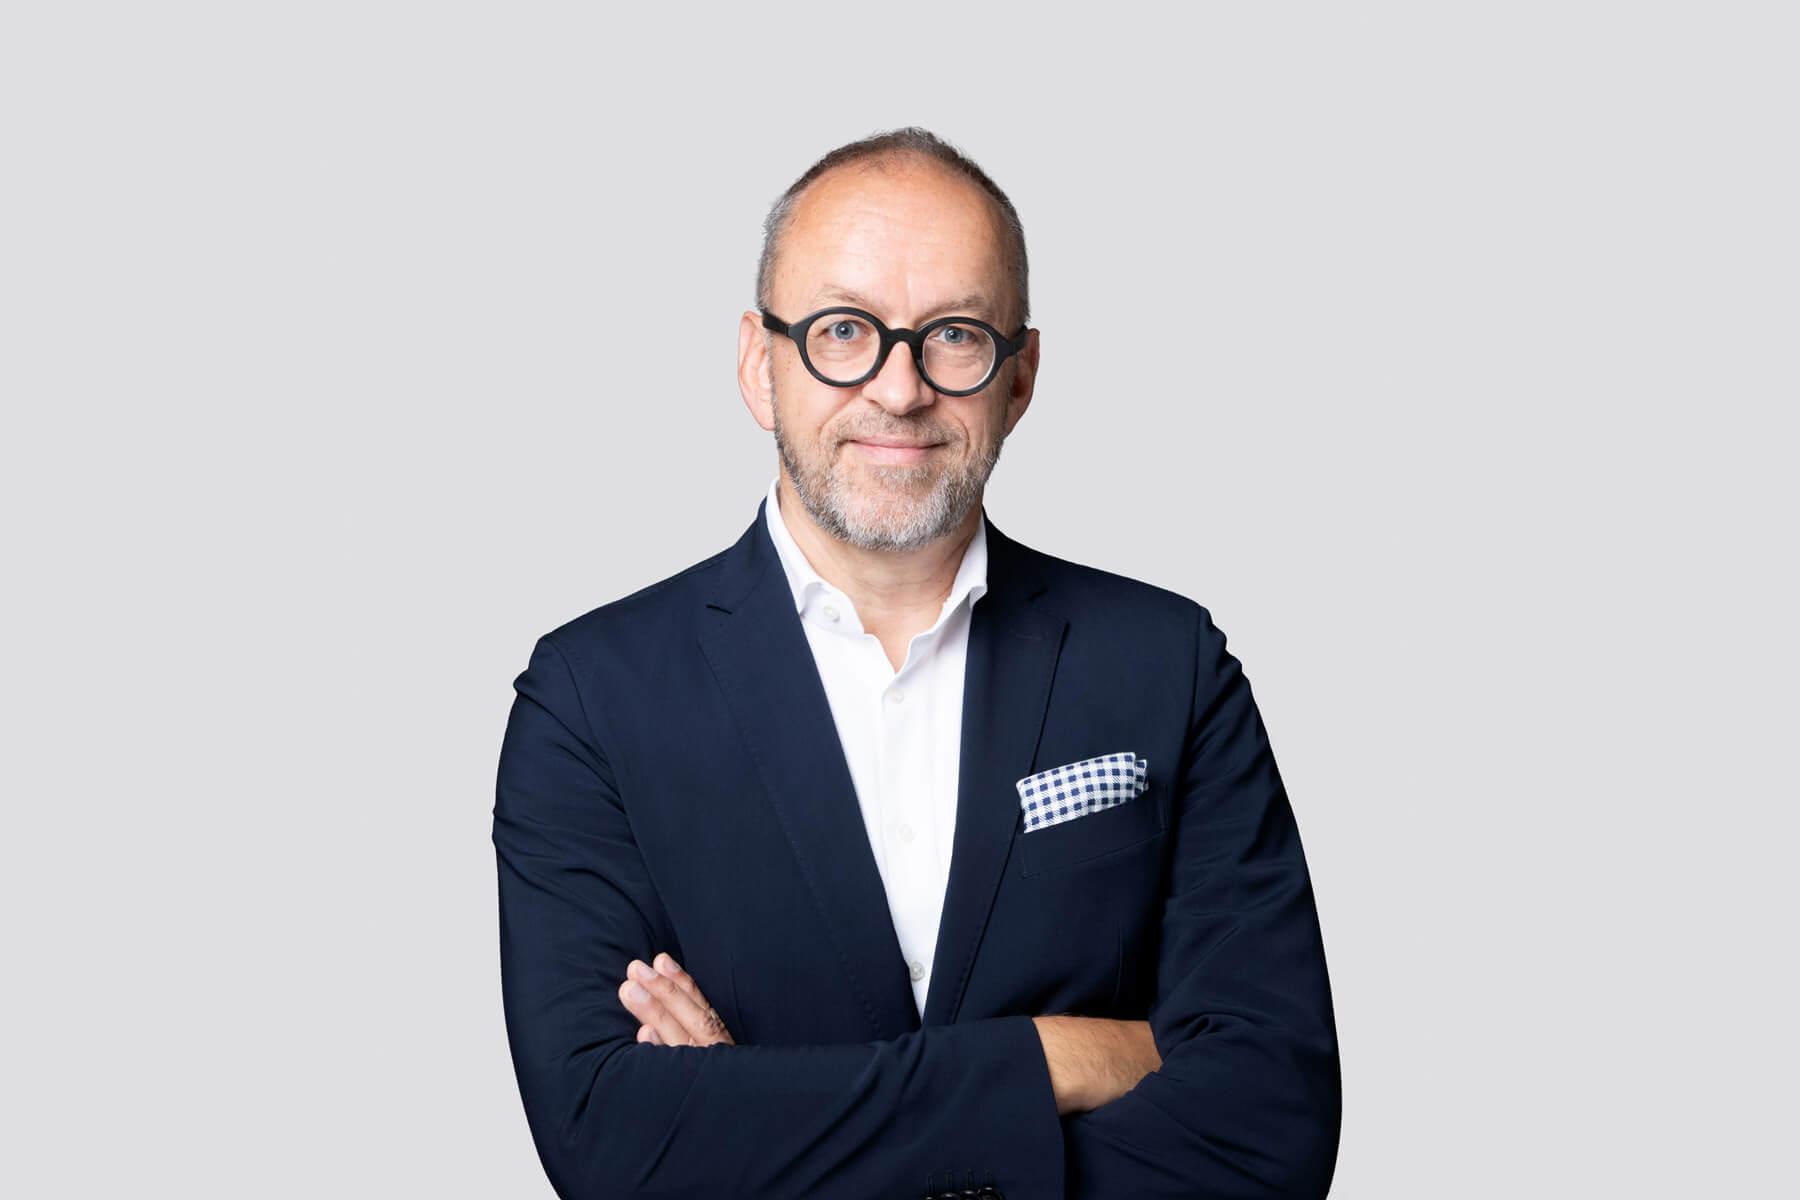 Thomas Kohlmeier - Managing Partner